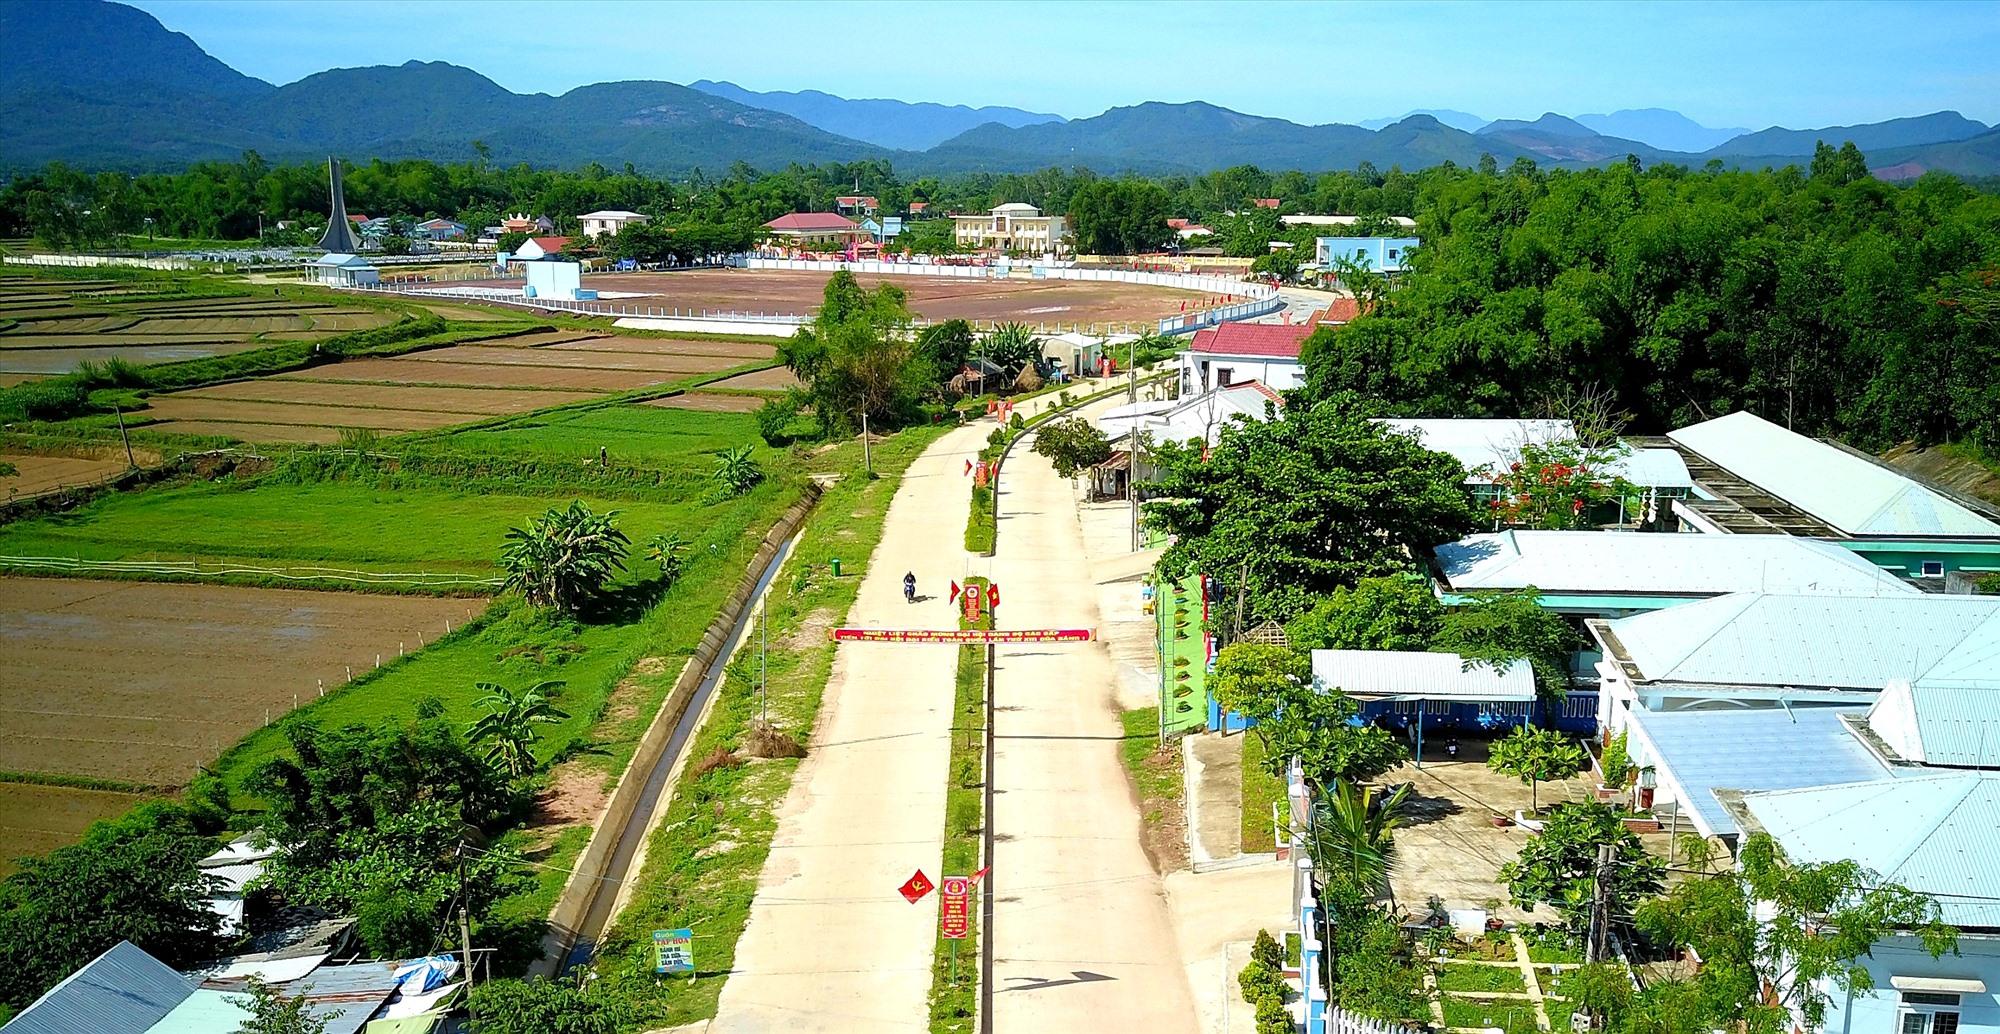 Hạ tầng giao thông nông thôn của xã Duy Tân (Duy Xuyên) được quy hoạch xây dựng khá bài bản. Ảnh: N.P